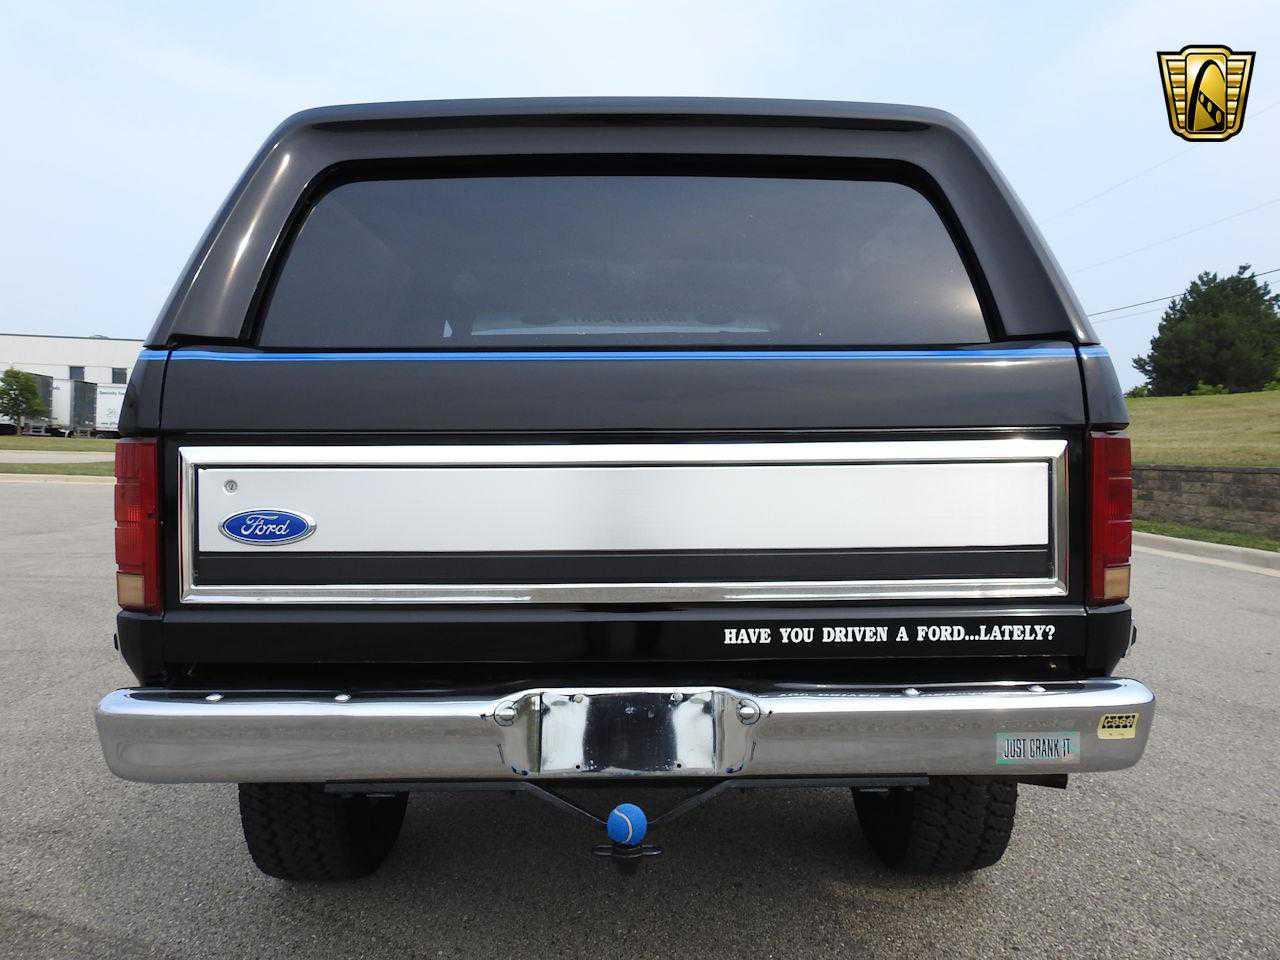 1980 Ford Bronco For Sale In Kenosha Wi Gccmwk515 Front Axle Prev